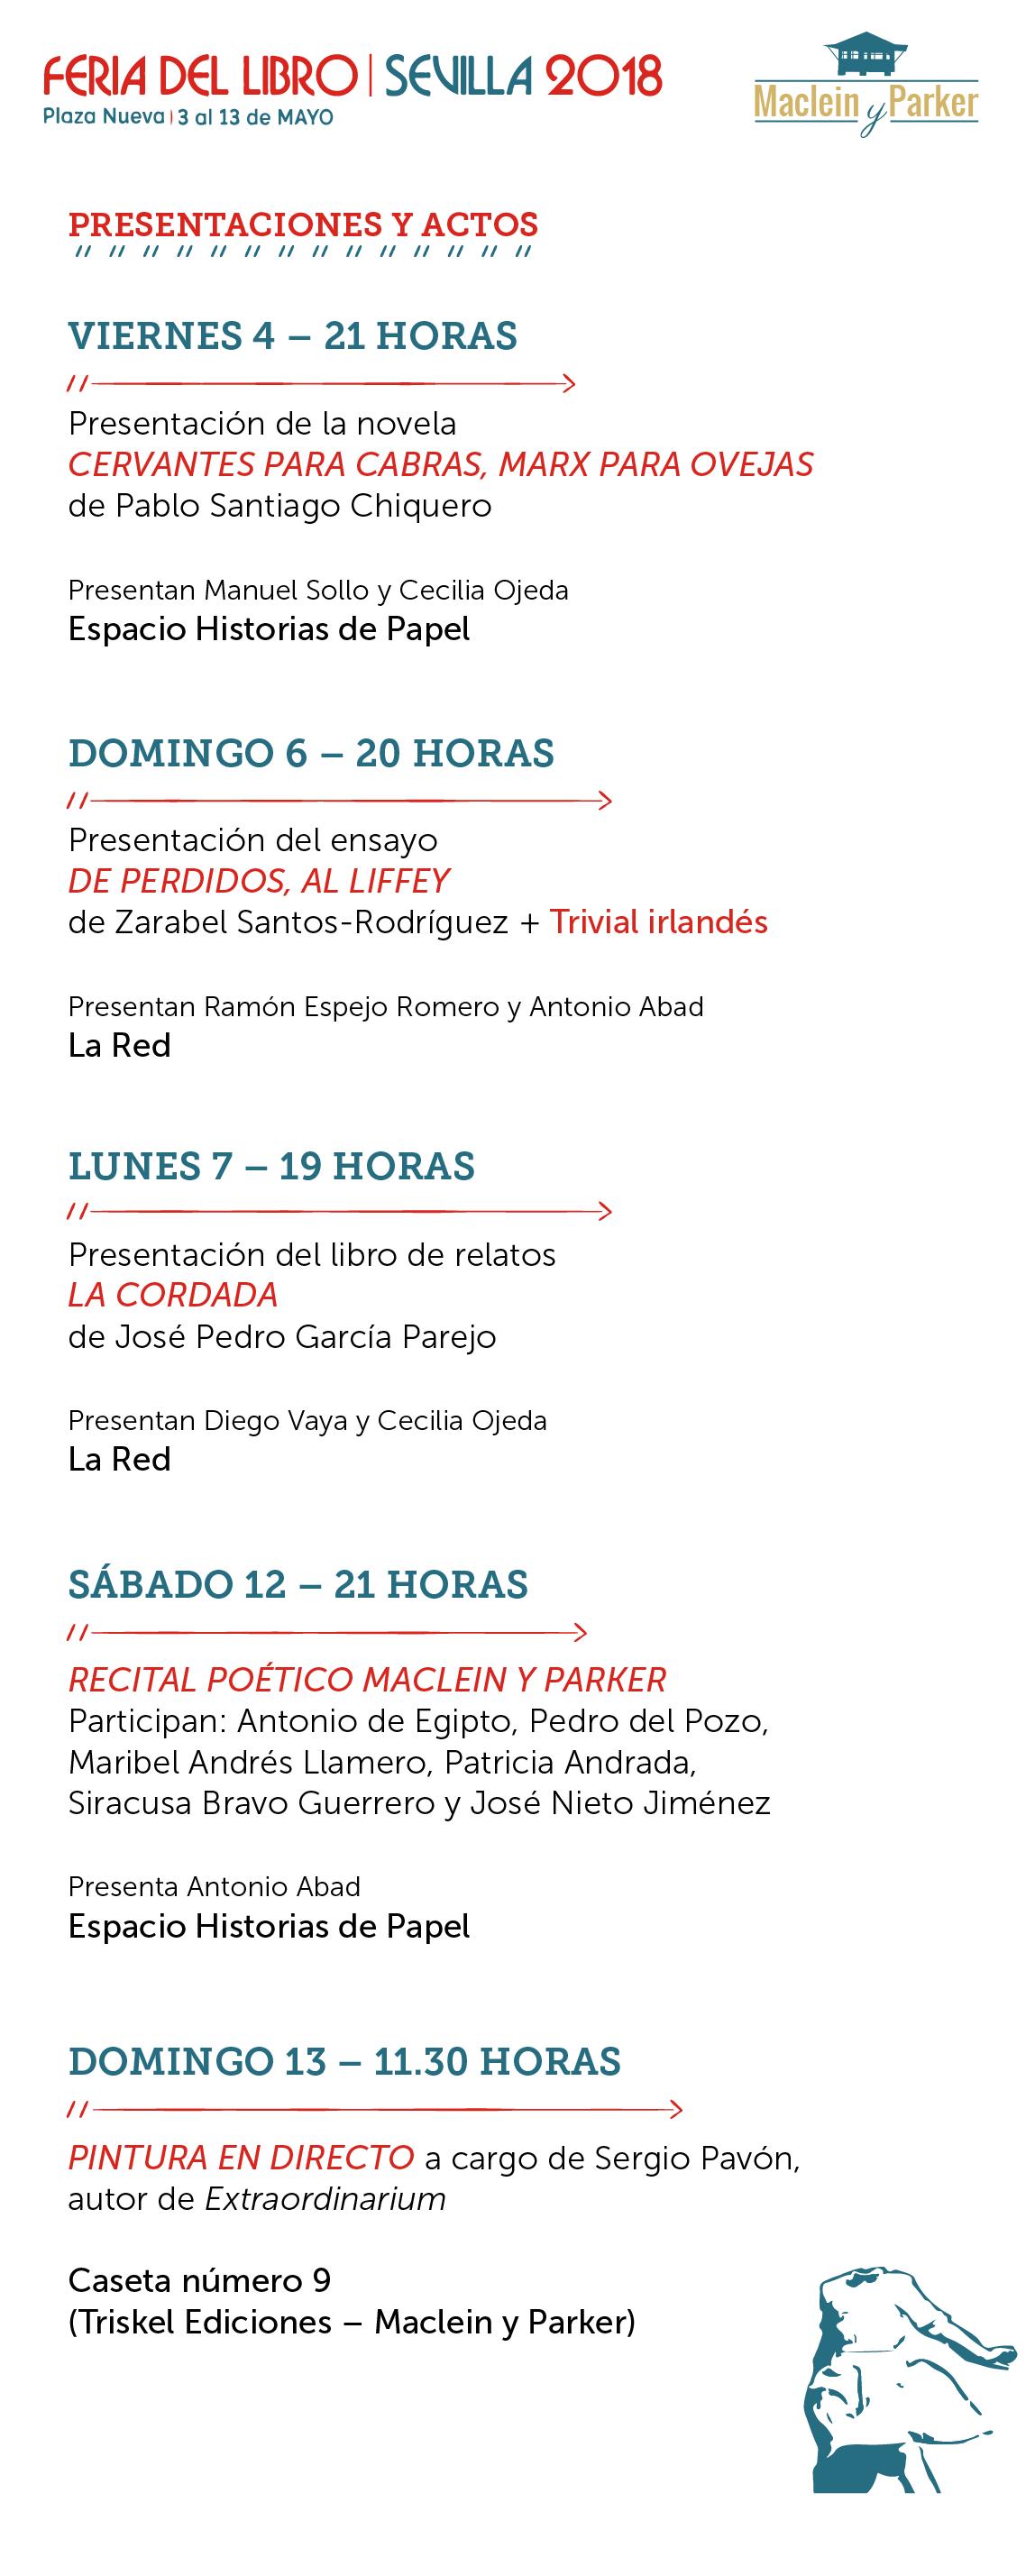 Actos Feria del Libro de Sevilla